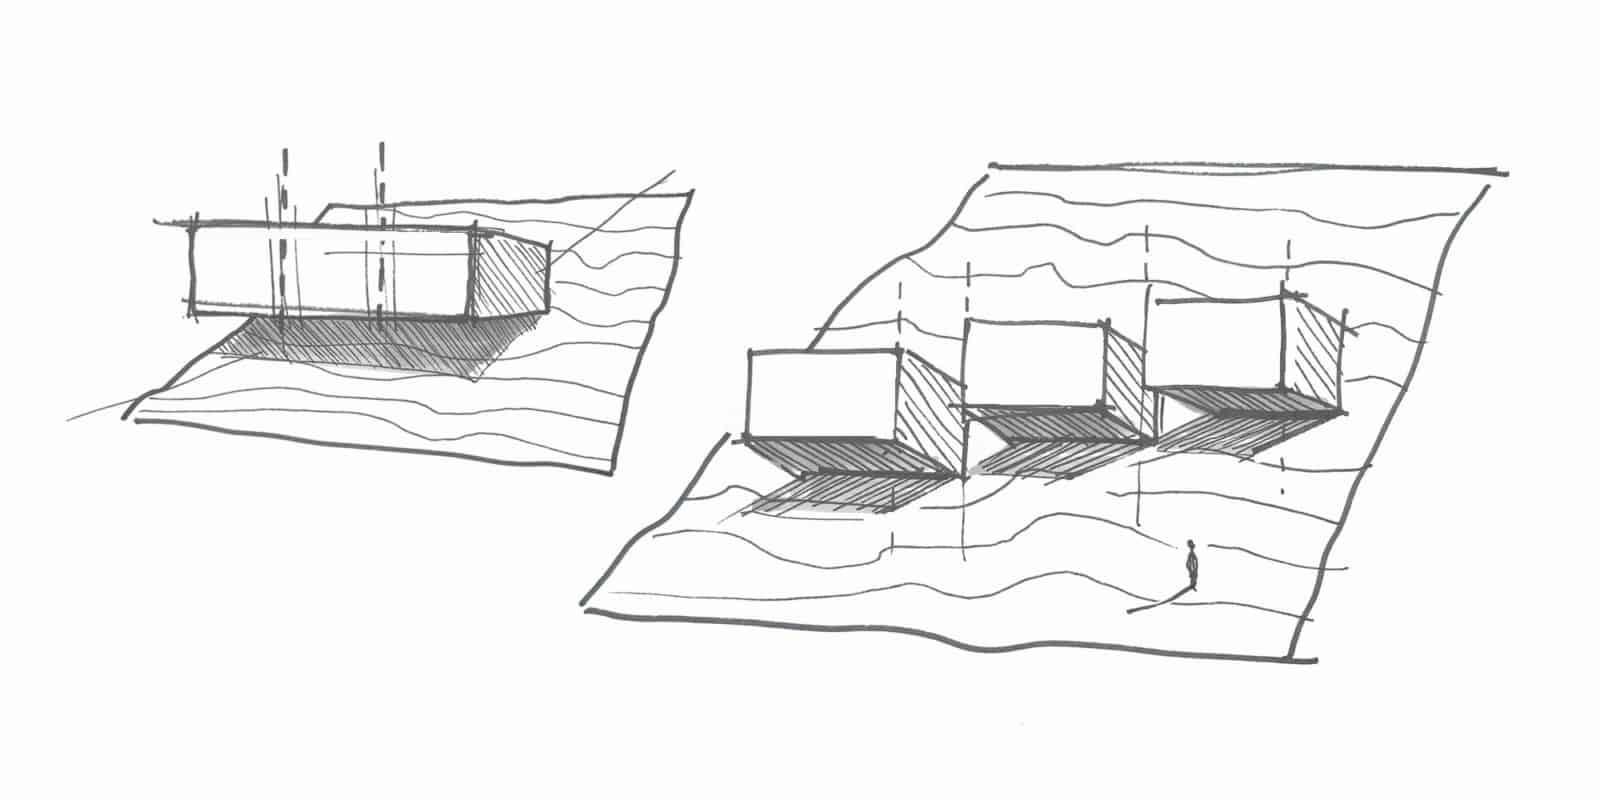 Esquisse roquis architecte - Maison d'architecte, villa contemporaine - Archidomo - architecture Annecy Lyon Paris